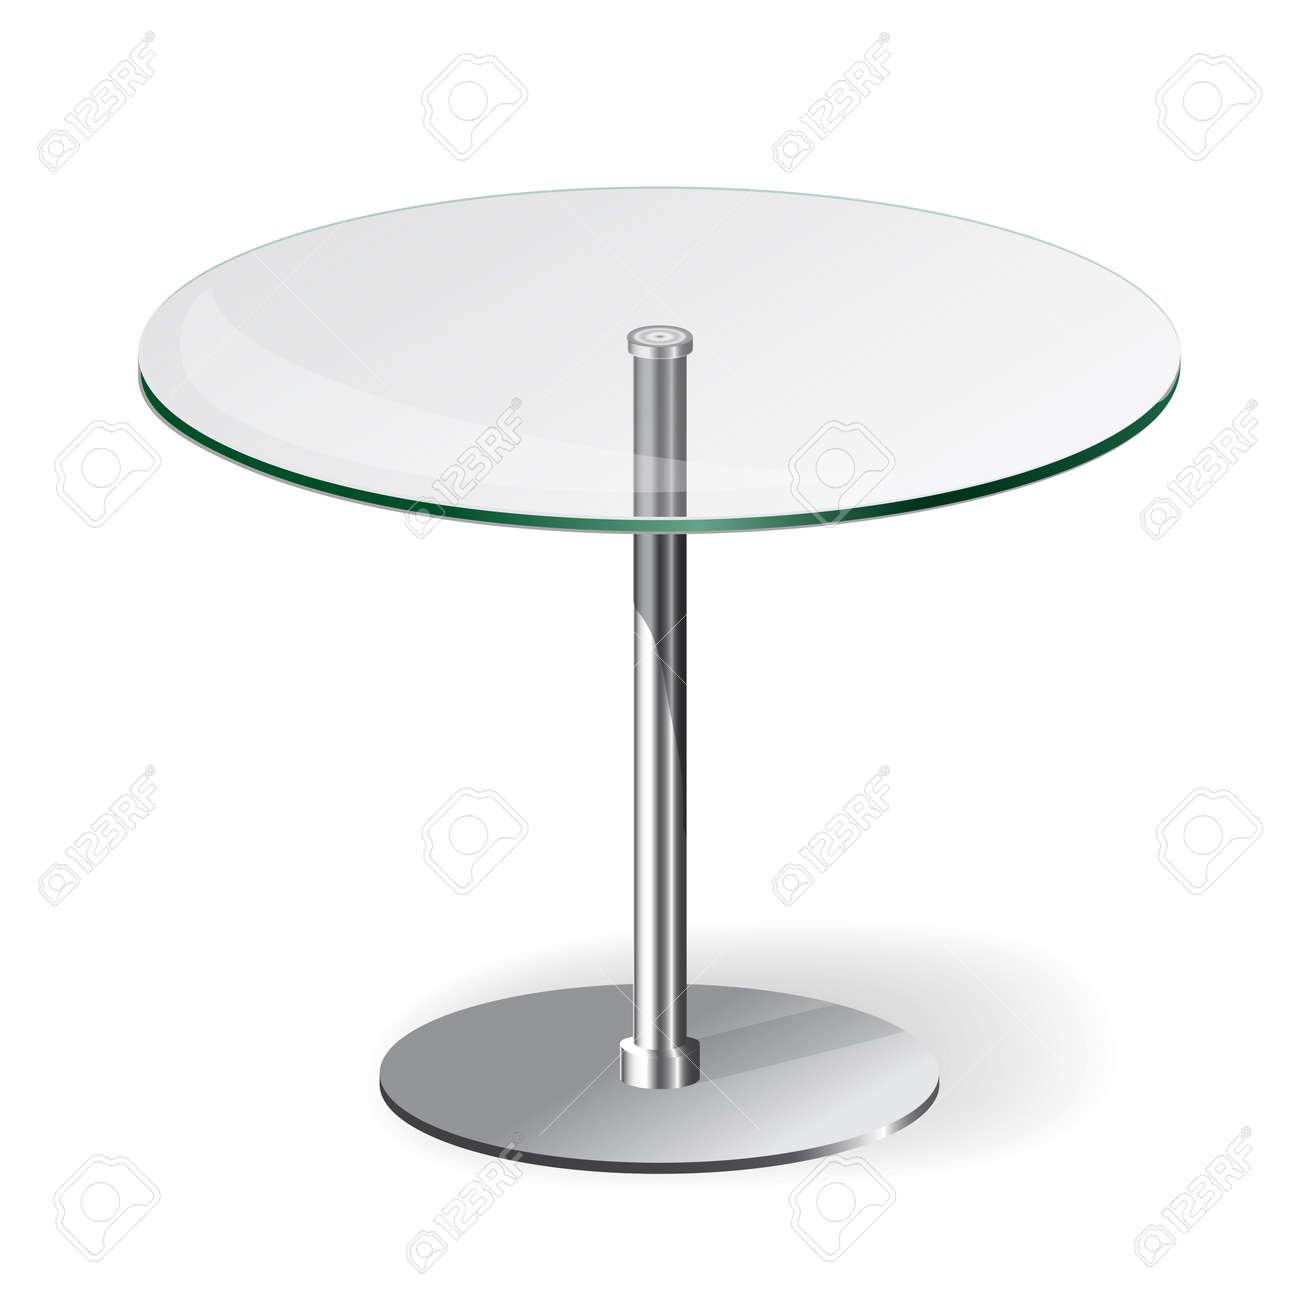 Ronde Glazen Eettafel.Moderne Ronde Glazen Tafel Geisoleerd Op Wit Royalty Vrije Cliparts